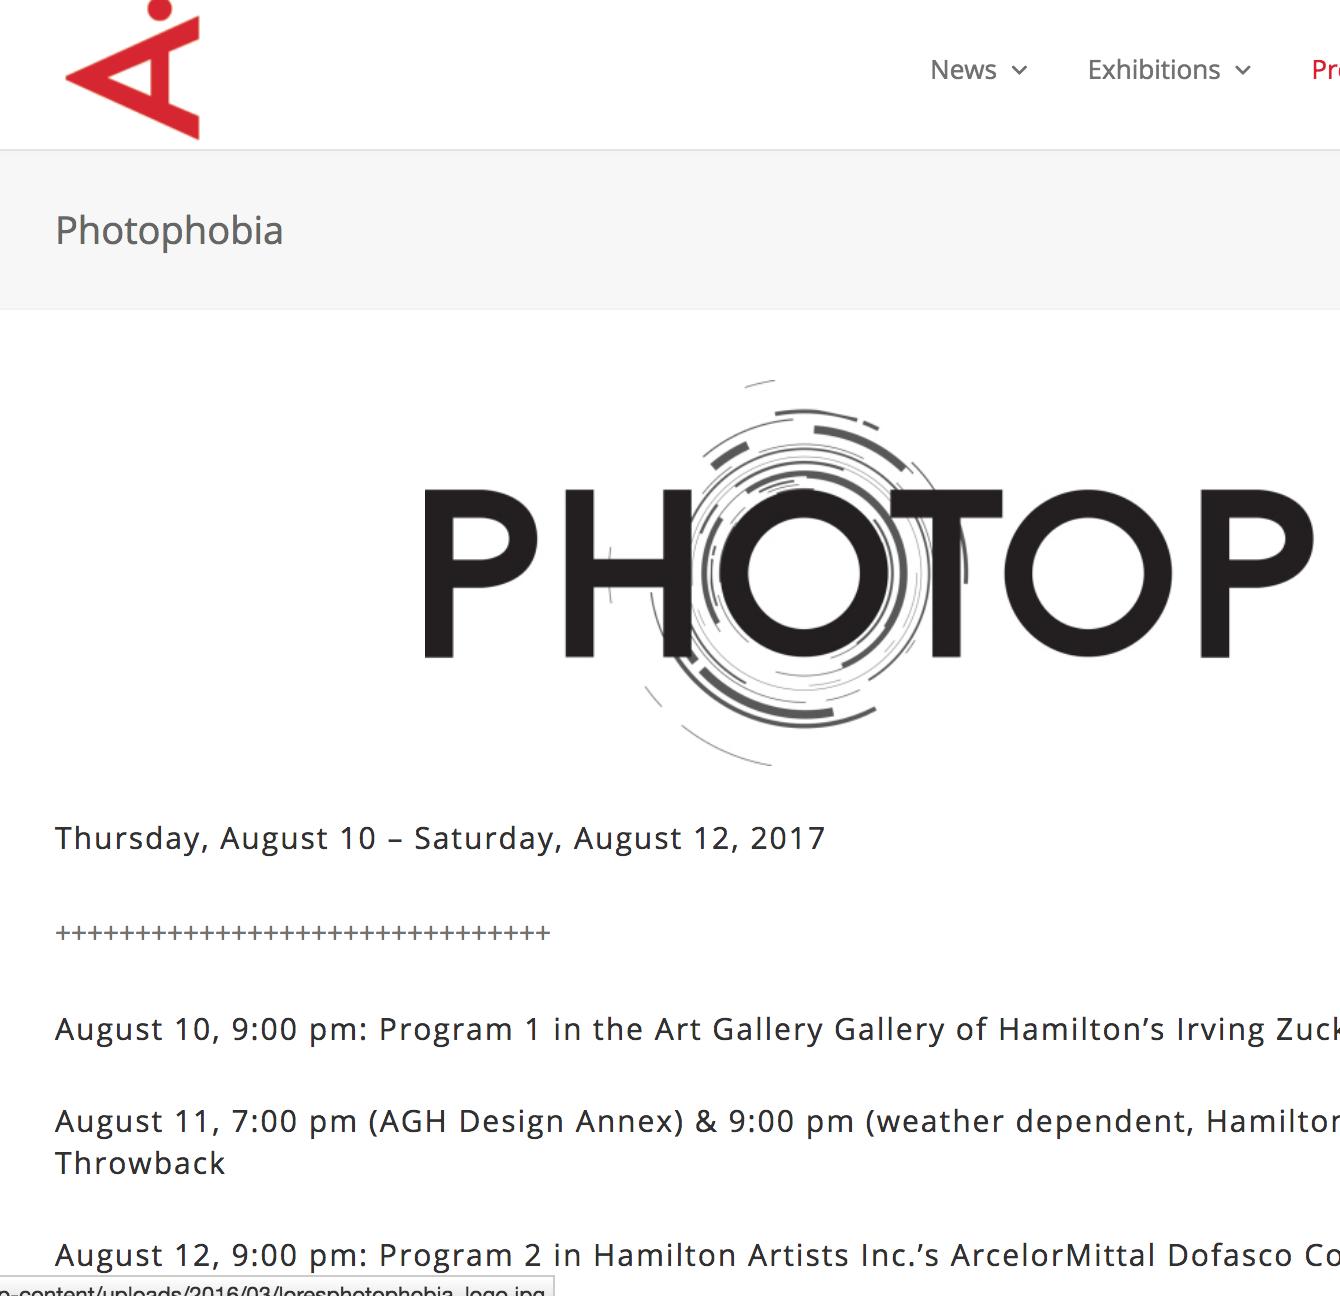 2017: Photophobia